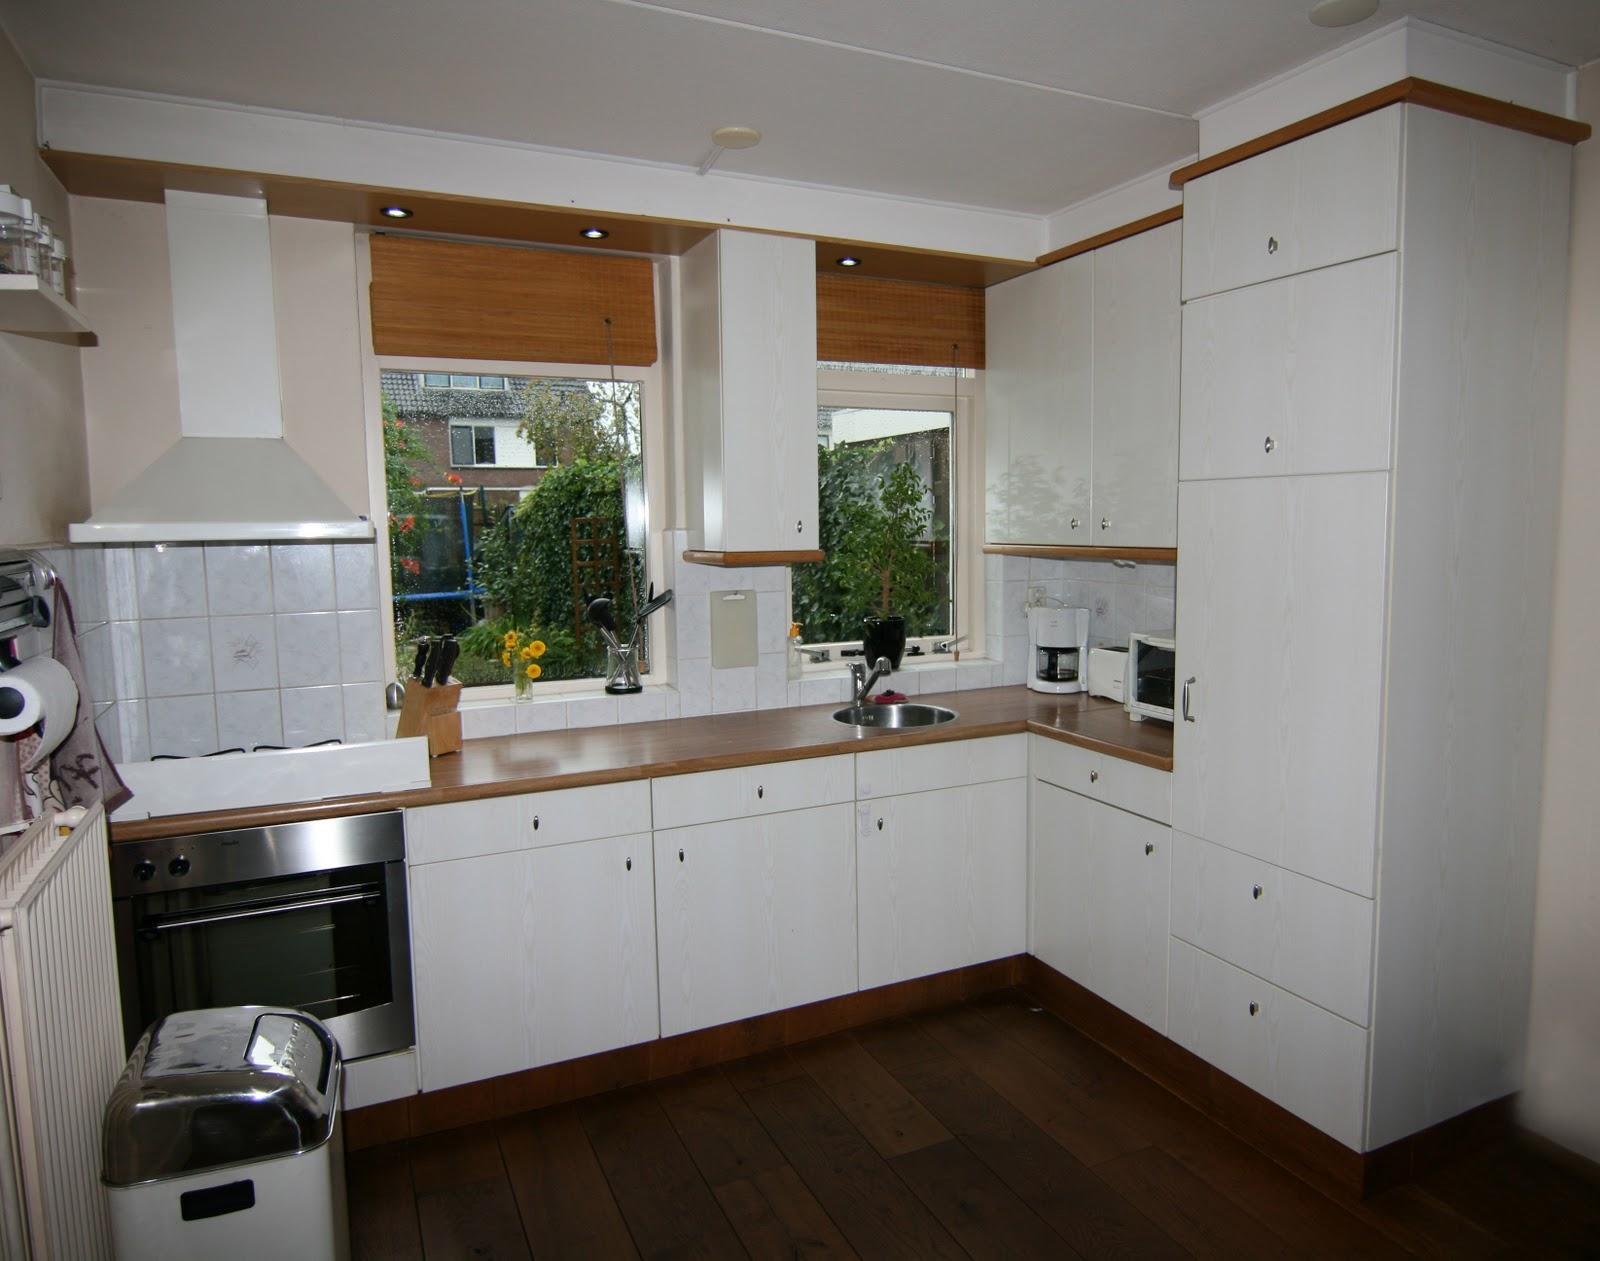 Bergentheim de savornin lohmanstraat 16 vraagprijs verlaagd van naar k k - Keuken klein ontwerp ruimte ...